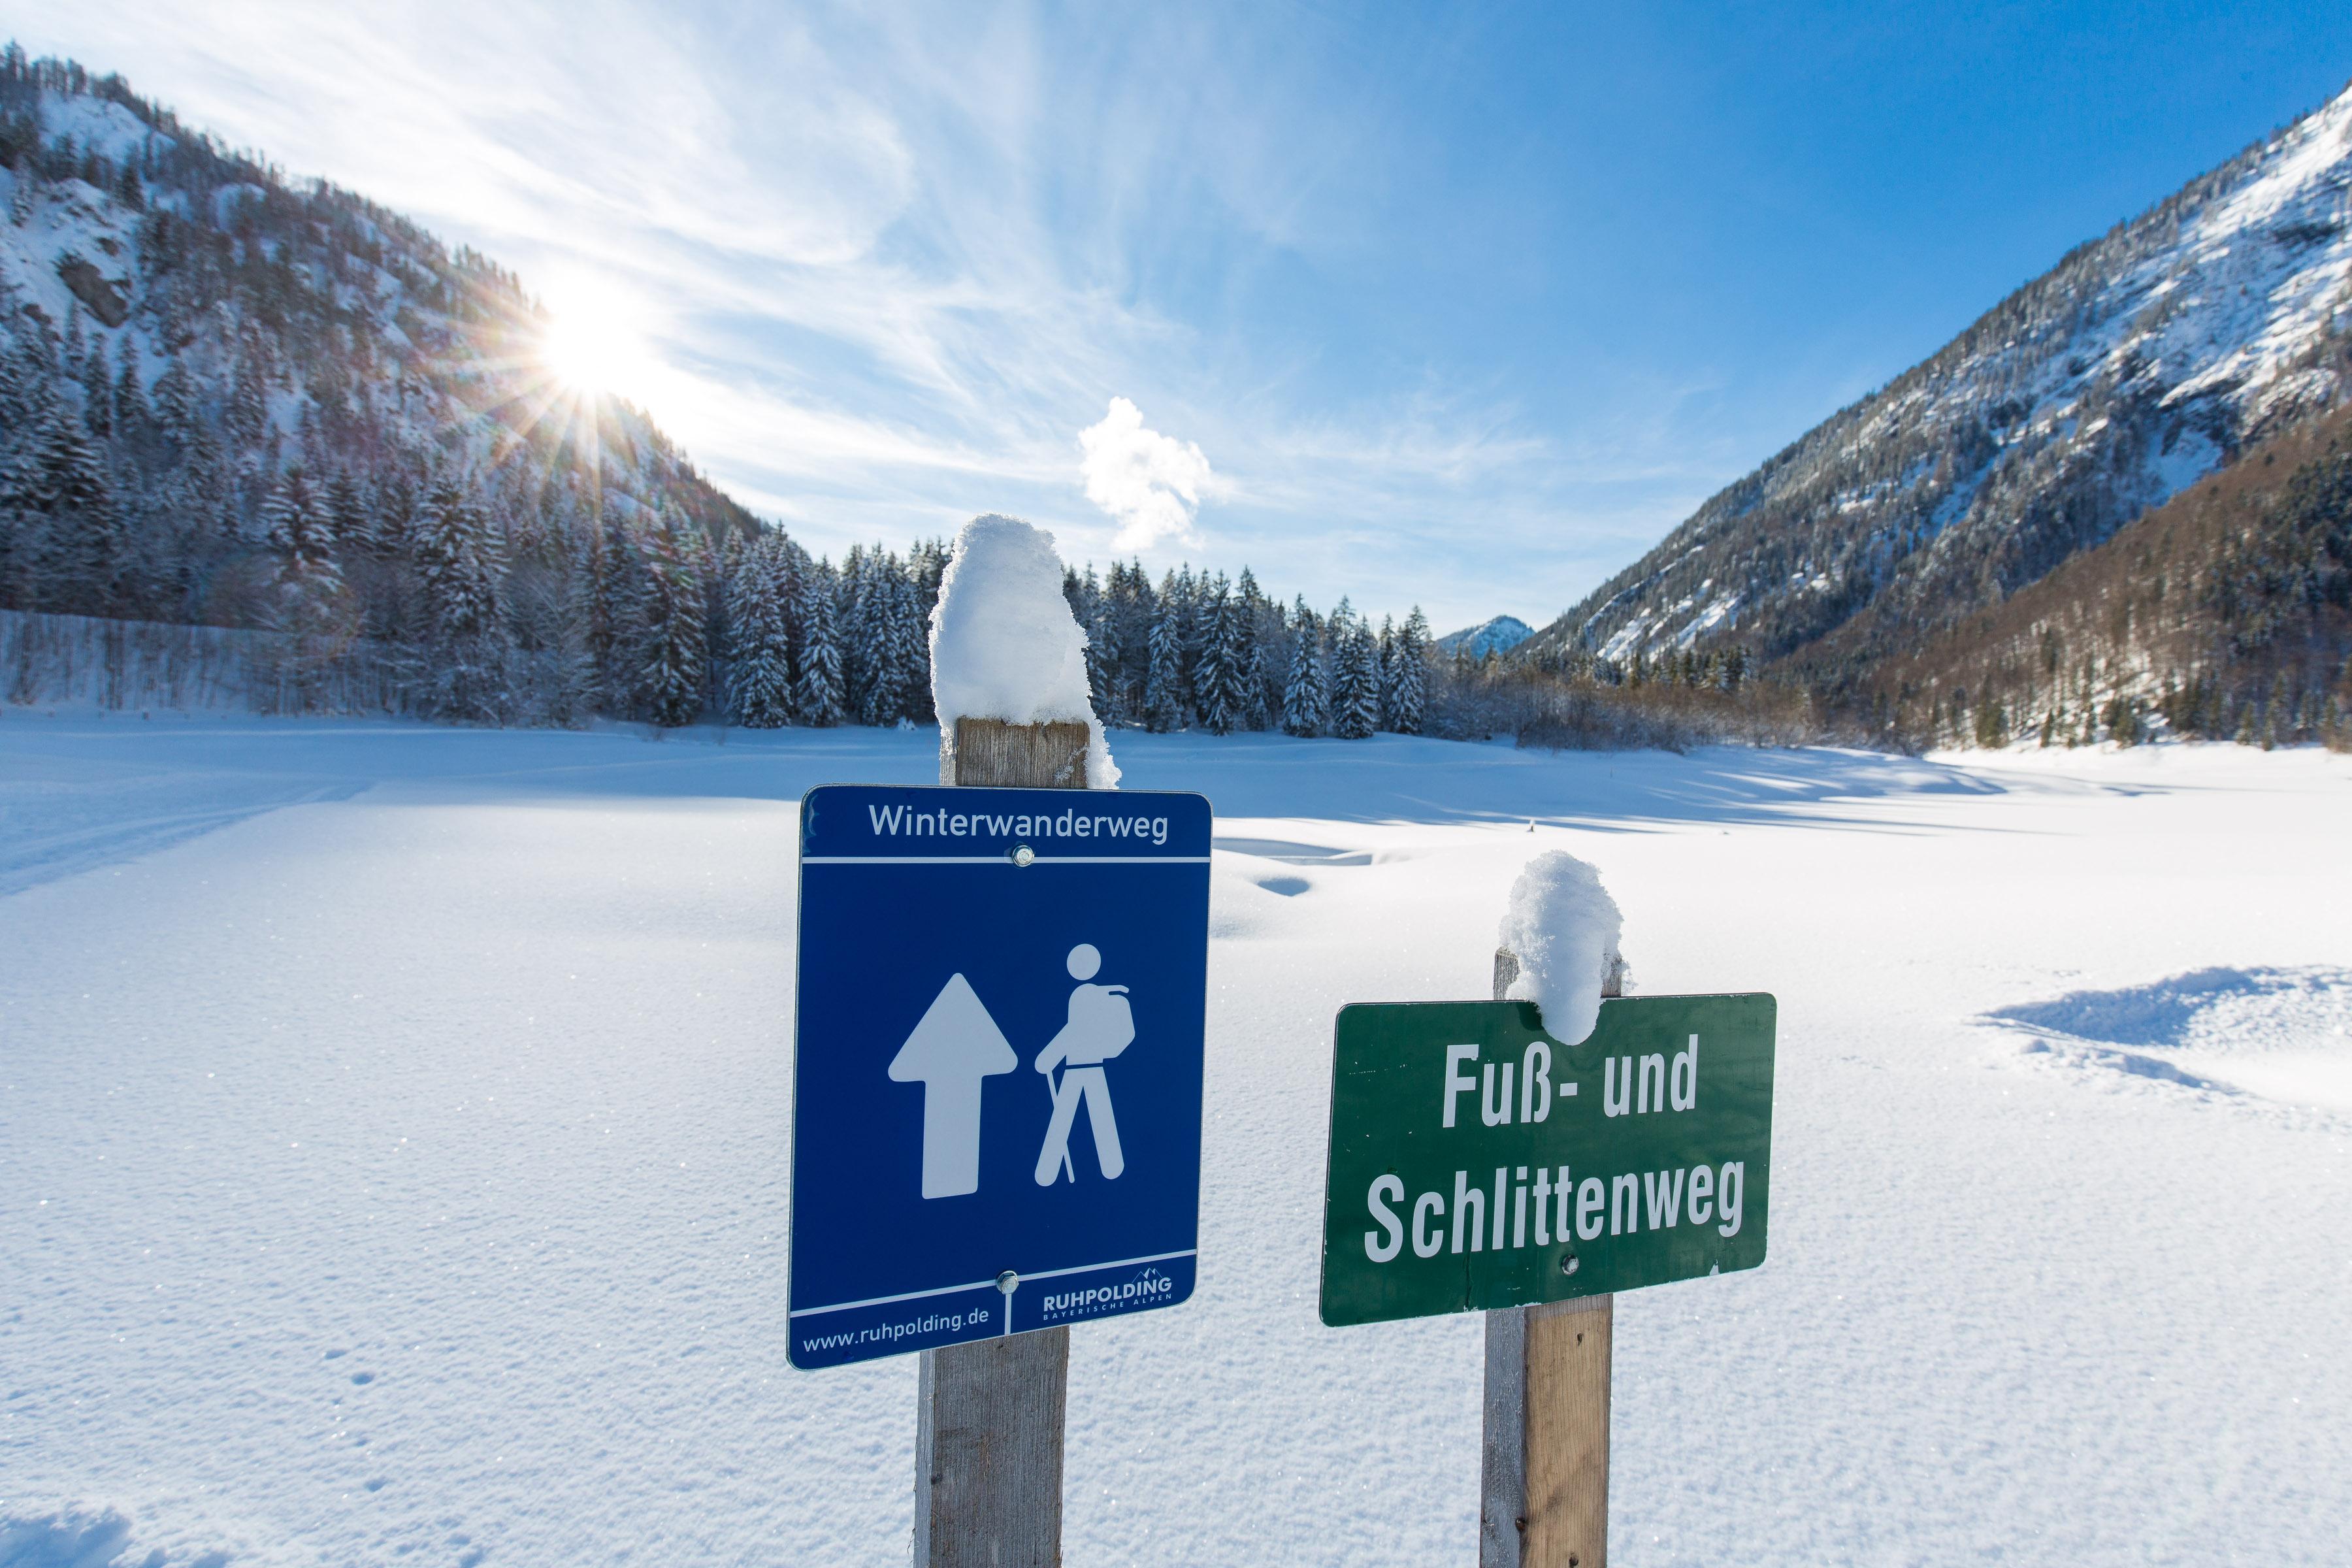 Anspruchsvolle Schneeschuhwanderung mit gemütlicher Einkehr